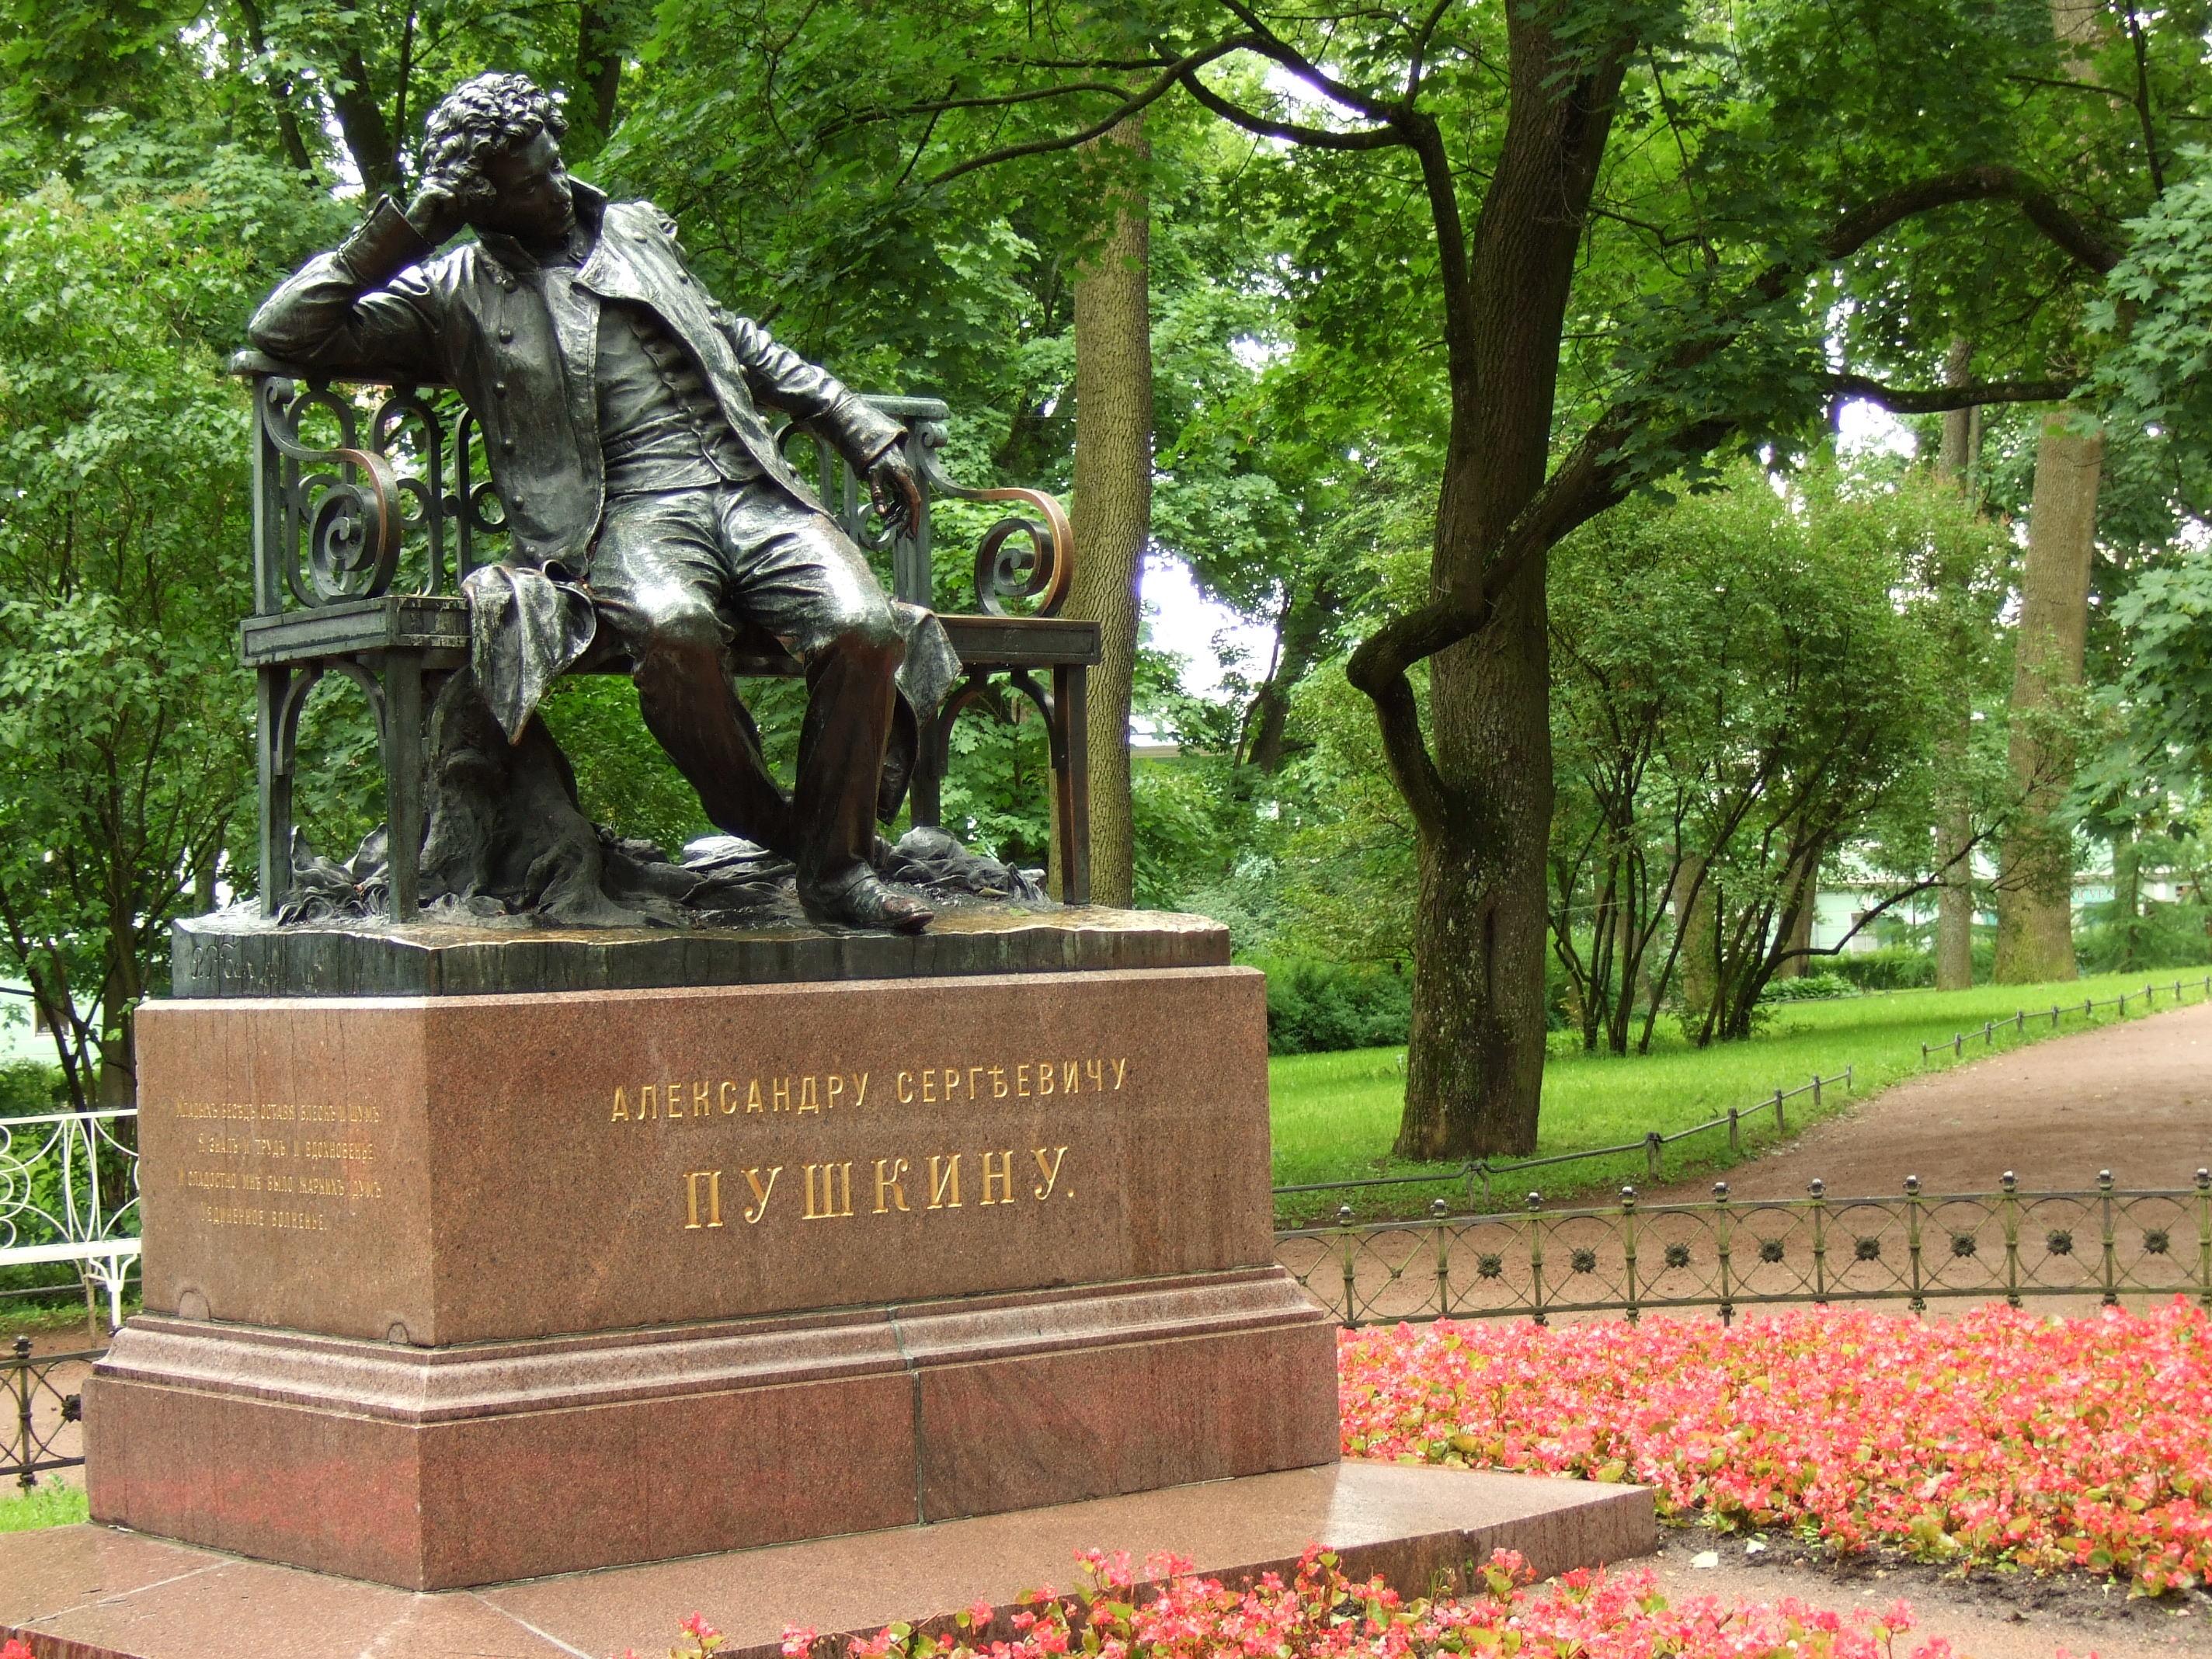 Spomenik Puškinu